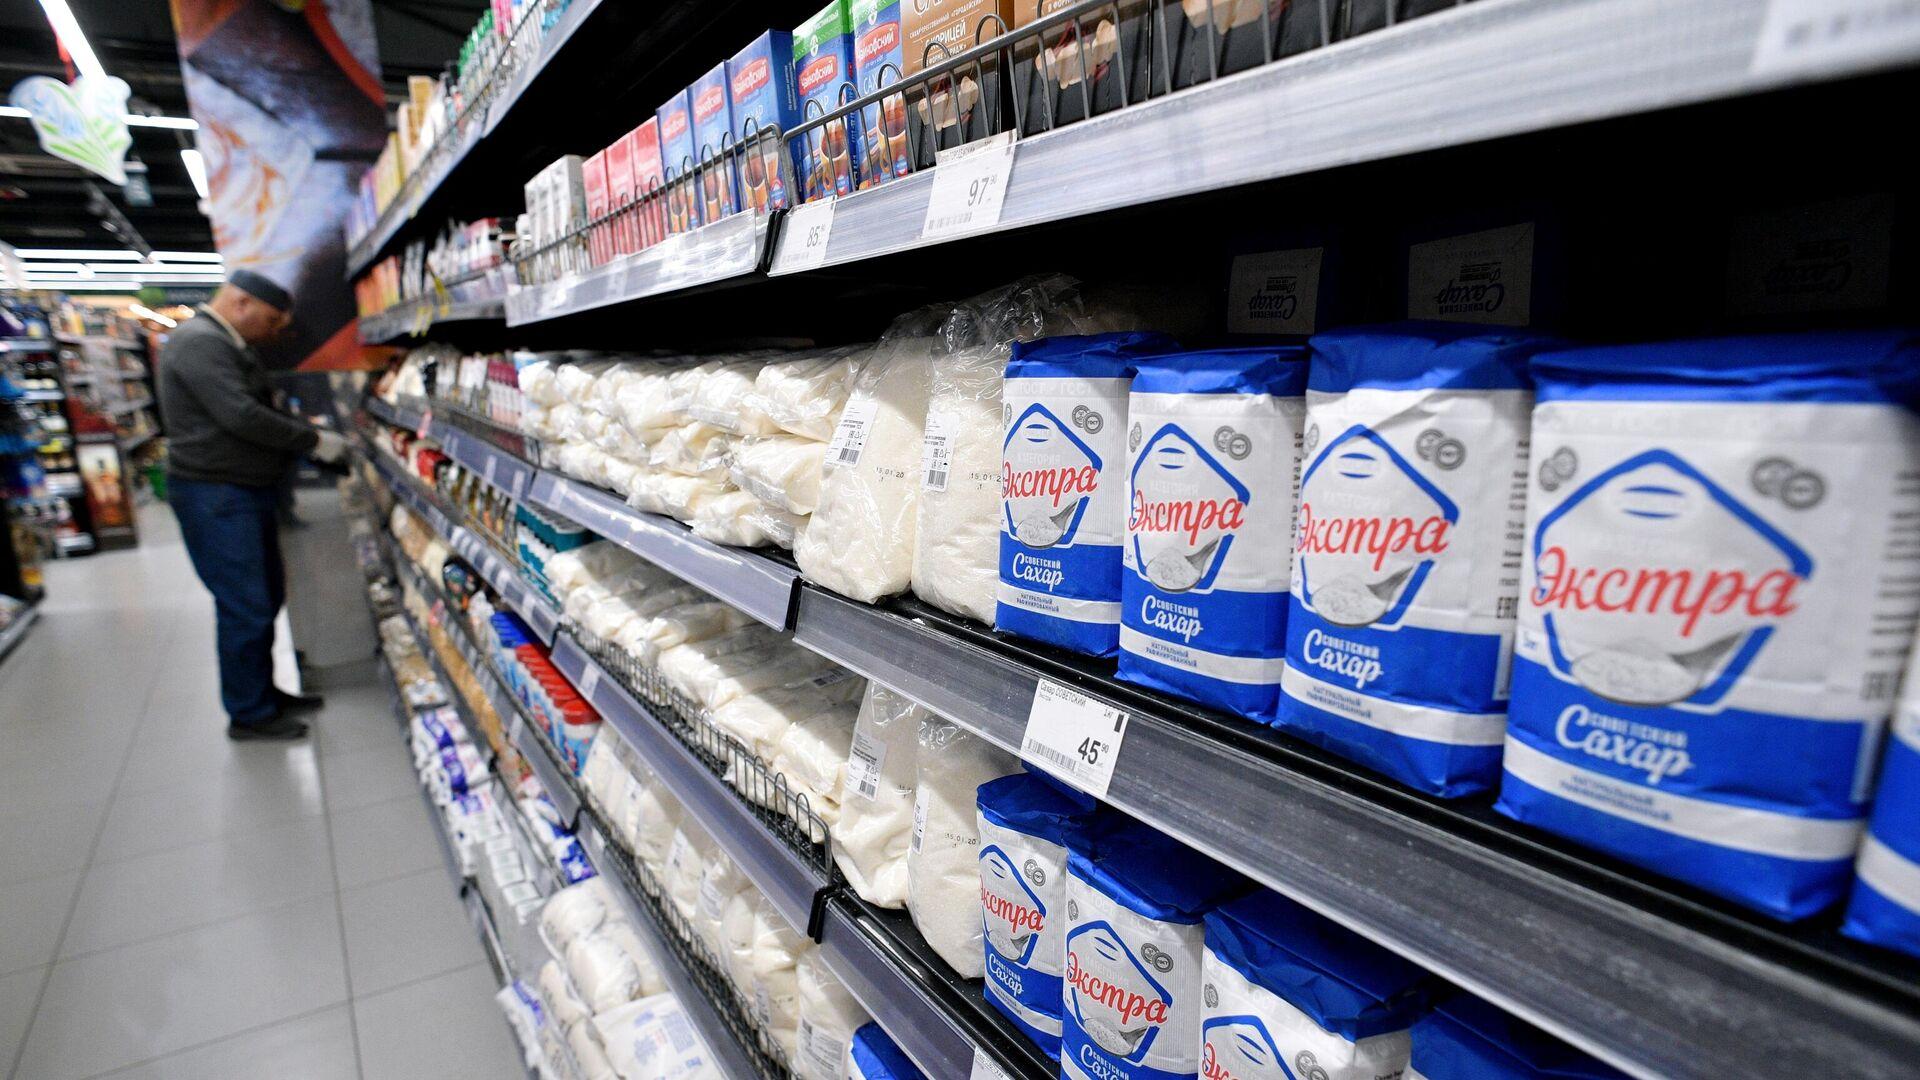 Сахарный песок на прилавке в супермаркете - РИА Новости, 1920, 05.04.2021